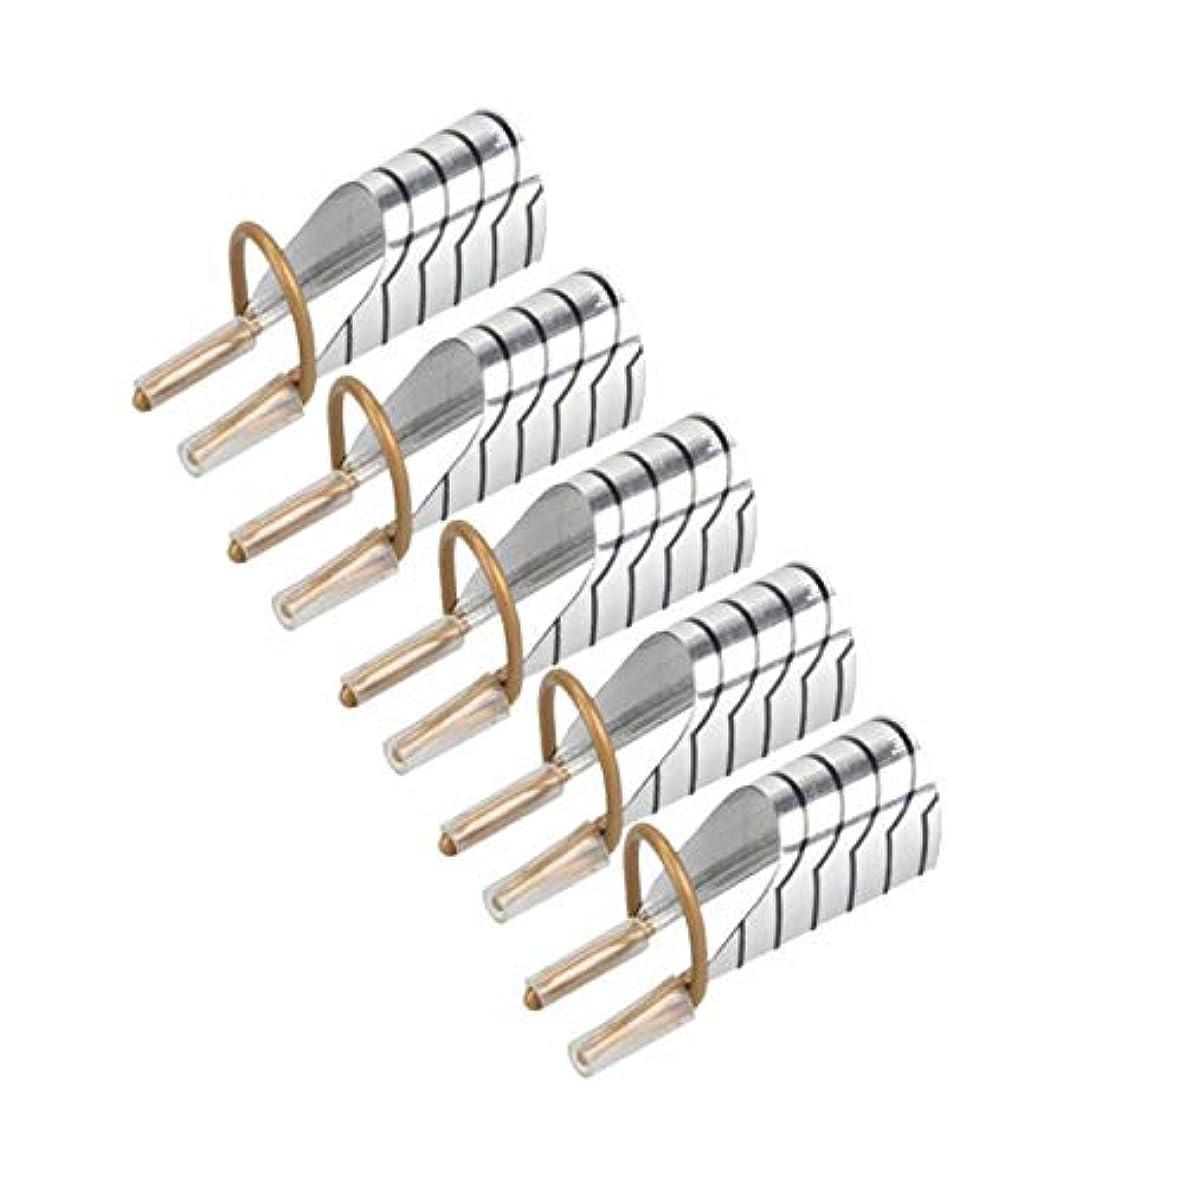 影起こりやすい糸SODIAL 5ピース、ネイルアートc湾曲形状延長ガイド先端、フレンチ箔、アクリル、ポリッシュ、ゲル、Uvデザインのフォーム、再利用可能、金属金型、マニキュアツール、 シルバー